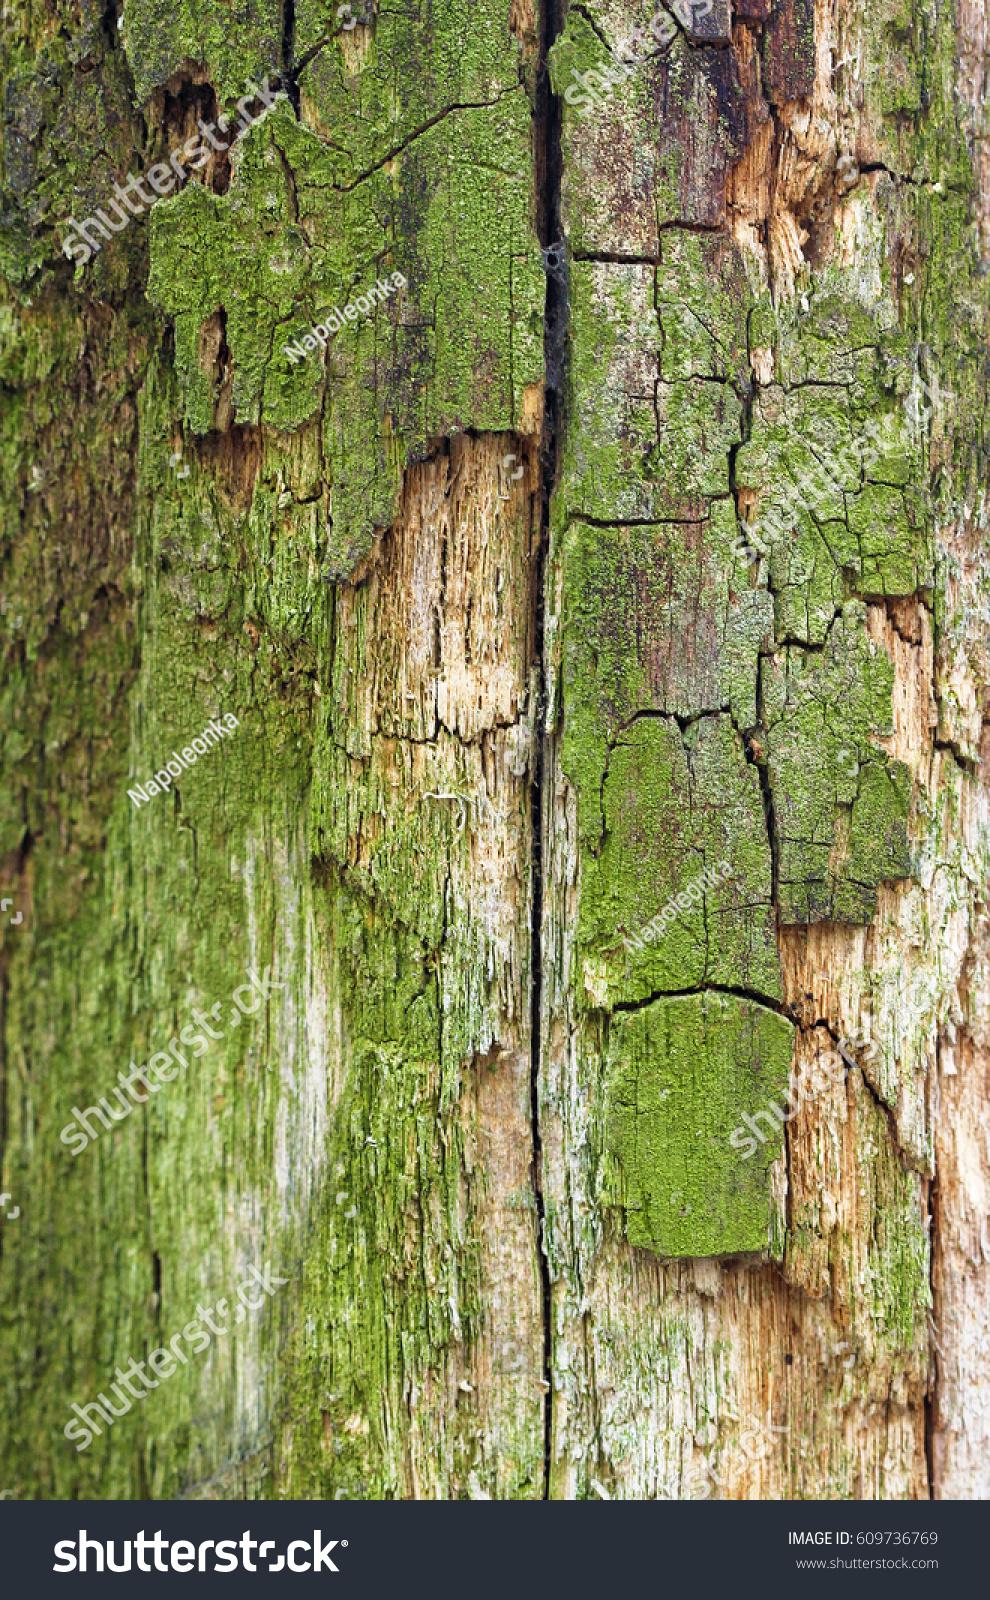 Cracks Green Bark Tree Stock Photo (Royalty Free) 609736769 ...